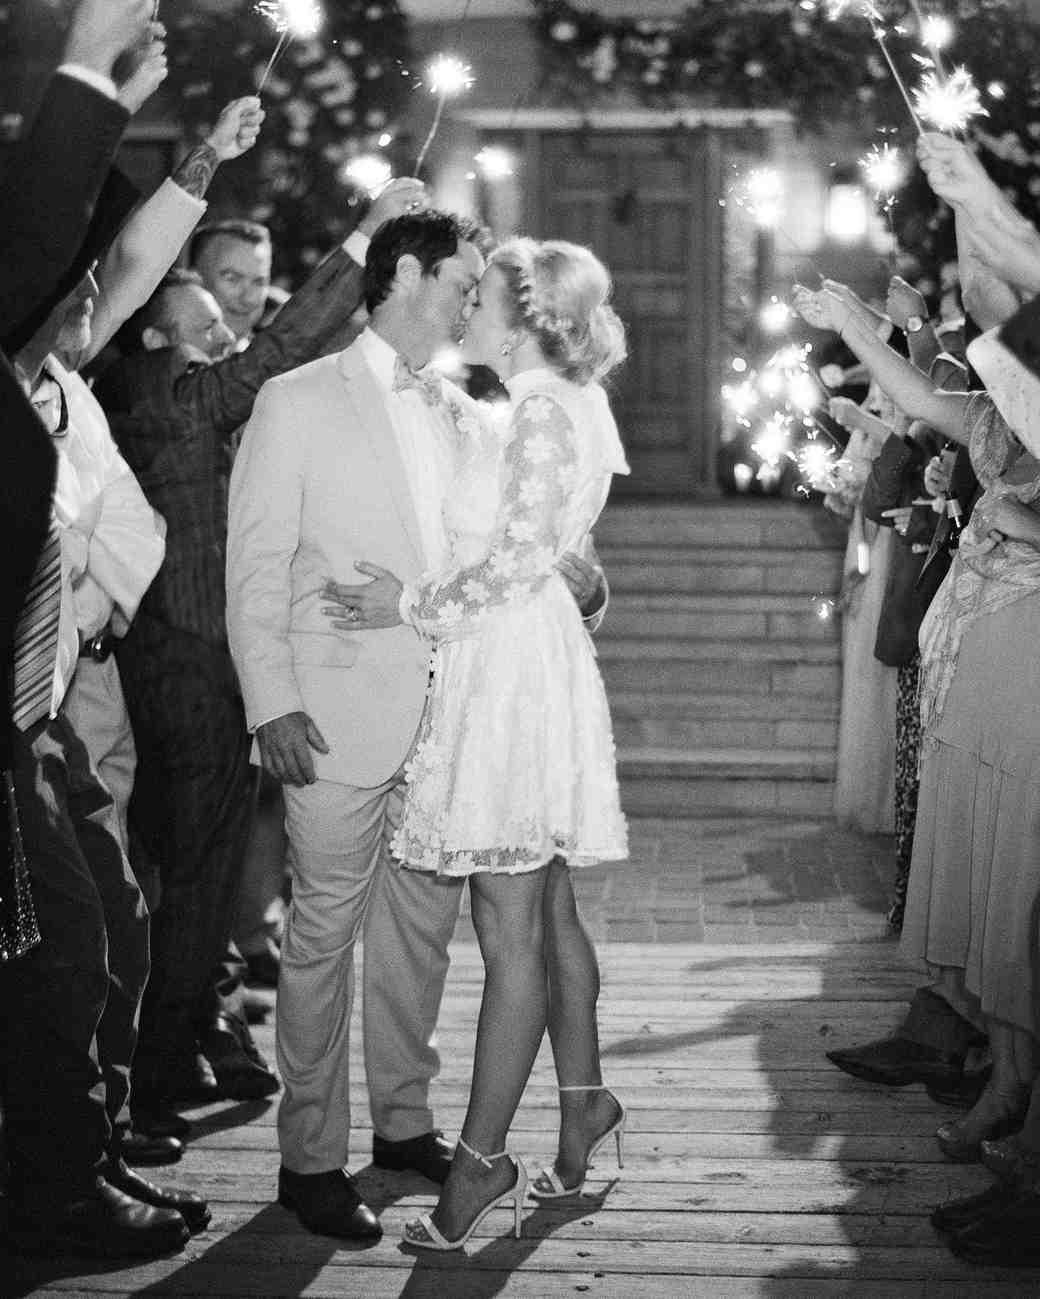 bessie john wedding sparkler sendoff